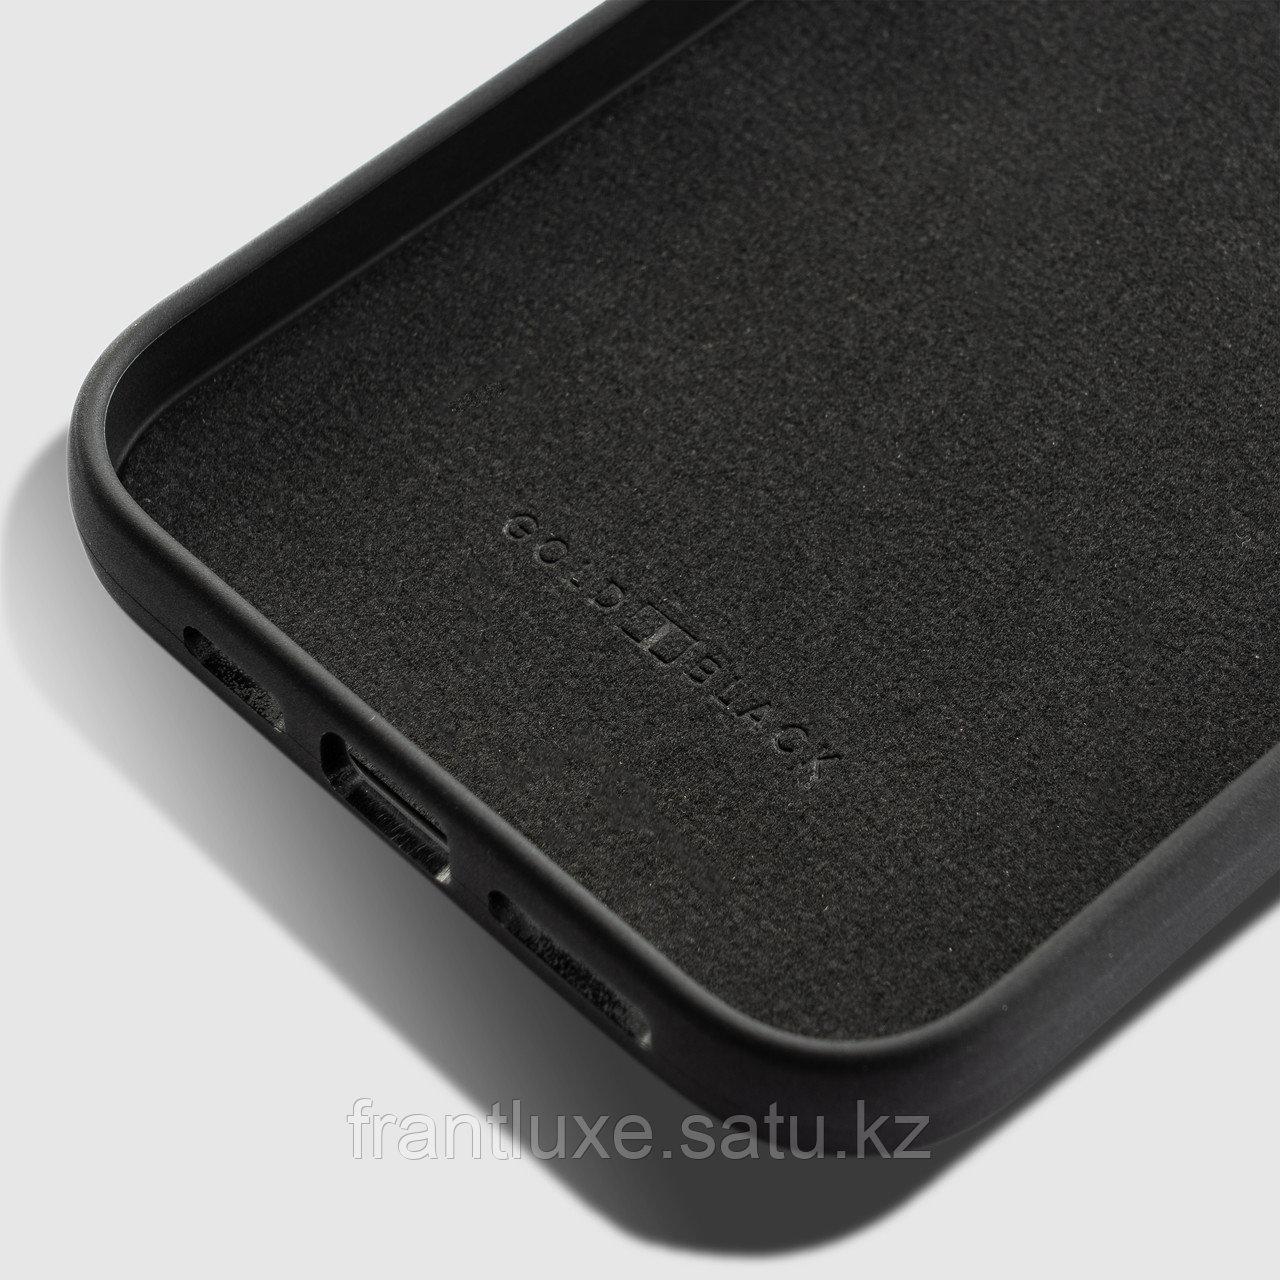 Чехол для телефона iPhone 12 Pro Max зелёный - фото 2